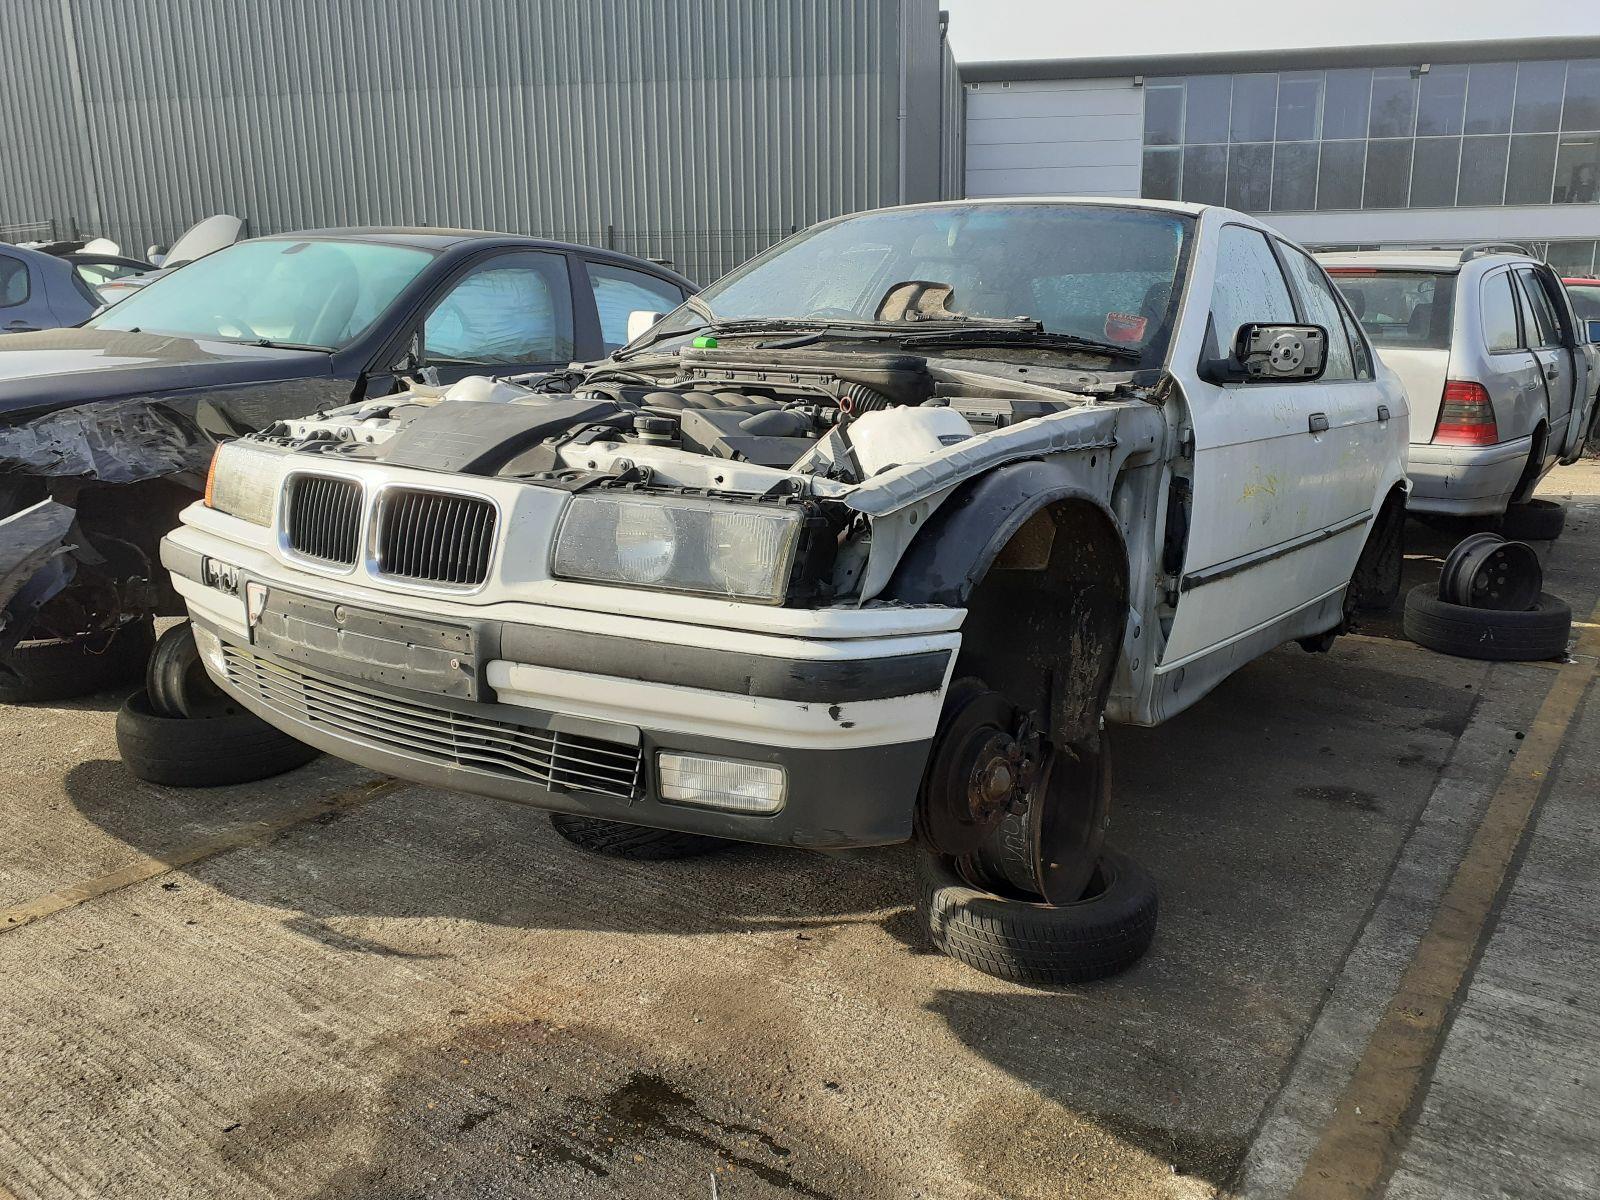 BMW 3 Series 1991 To 1998 320i SE 4 Door Saloon